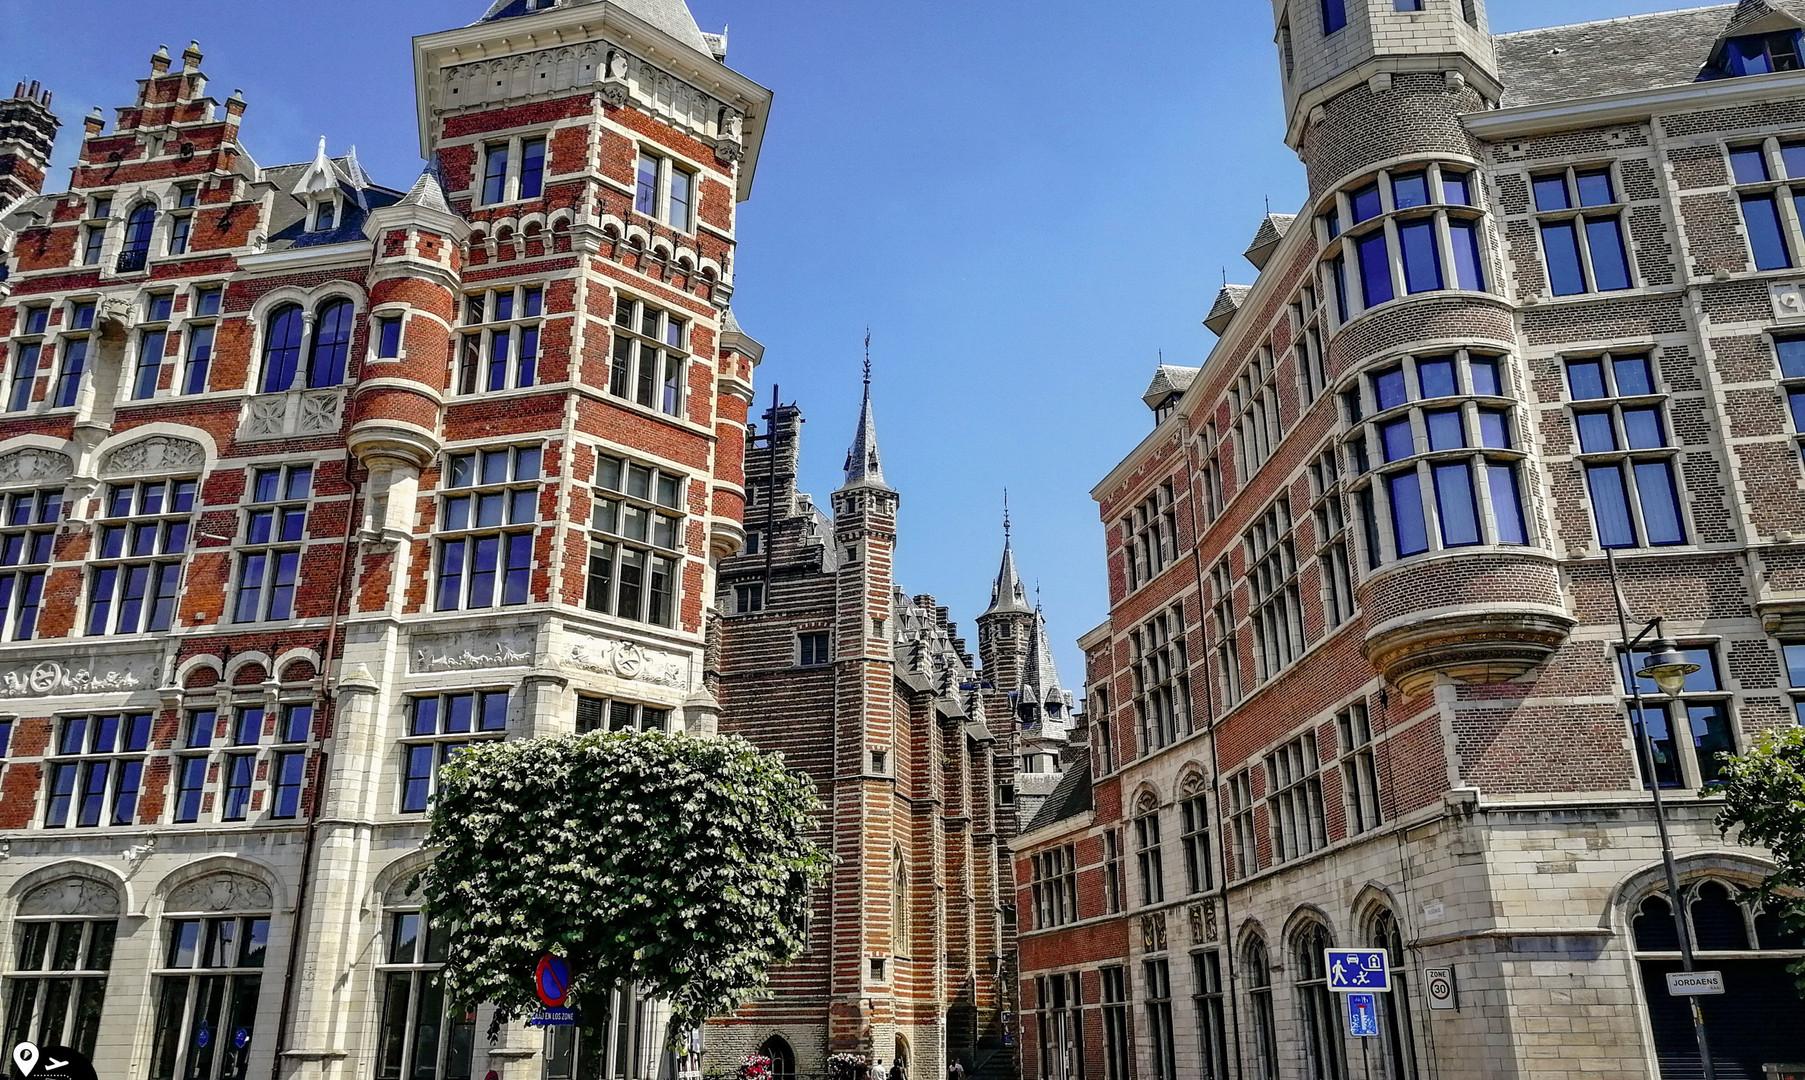 Комплекс жилых зданий, Антверпен